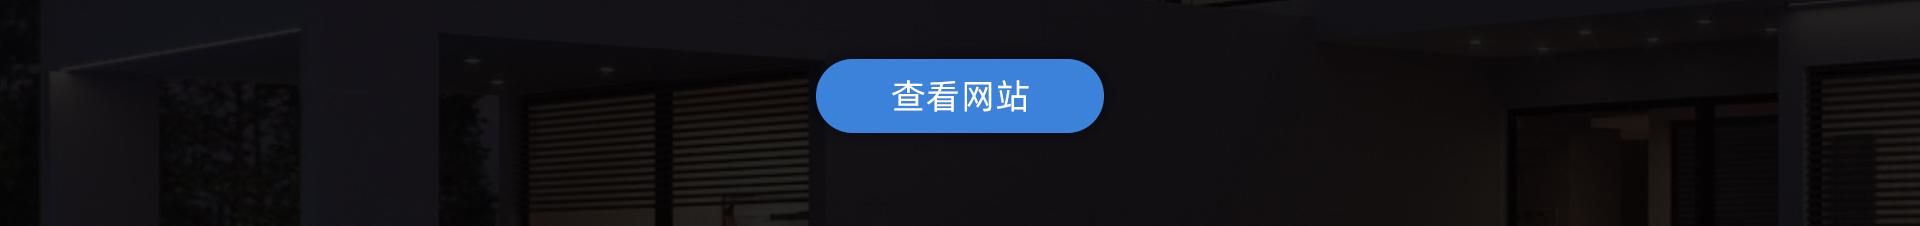 非凡-周梦娜-佳志国际物流-大连有限公司_02